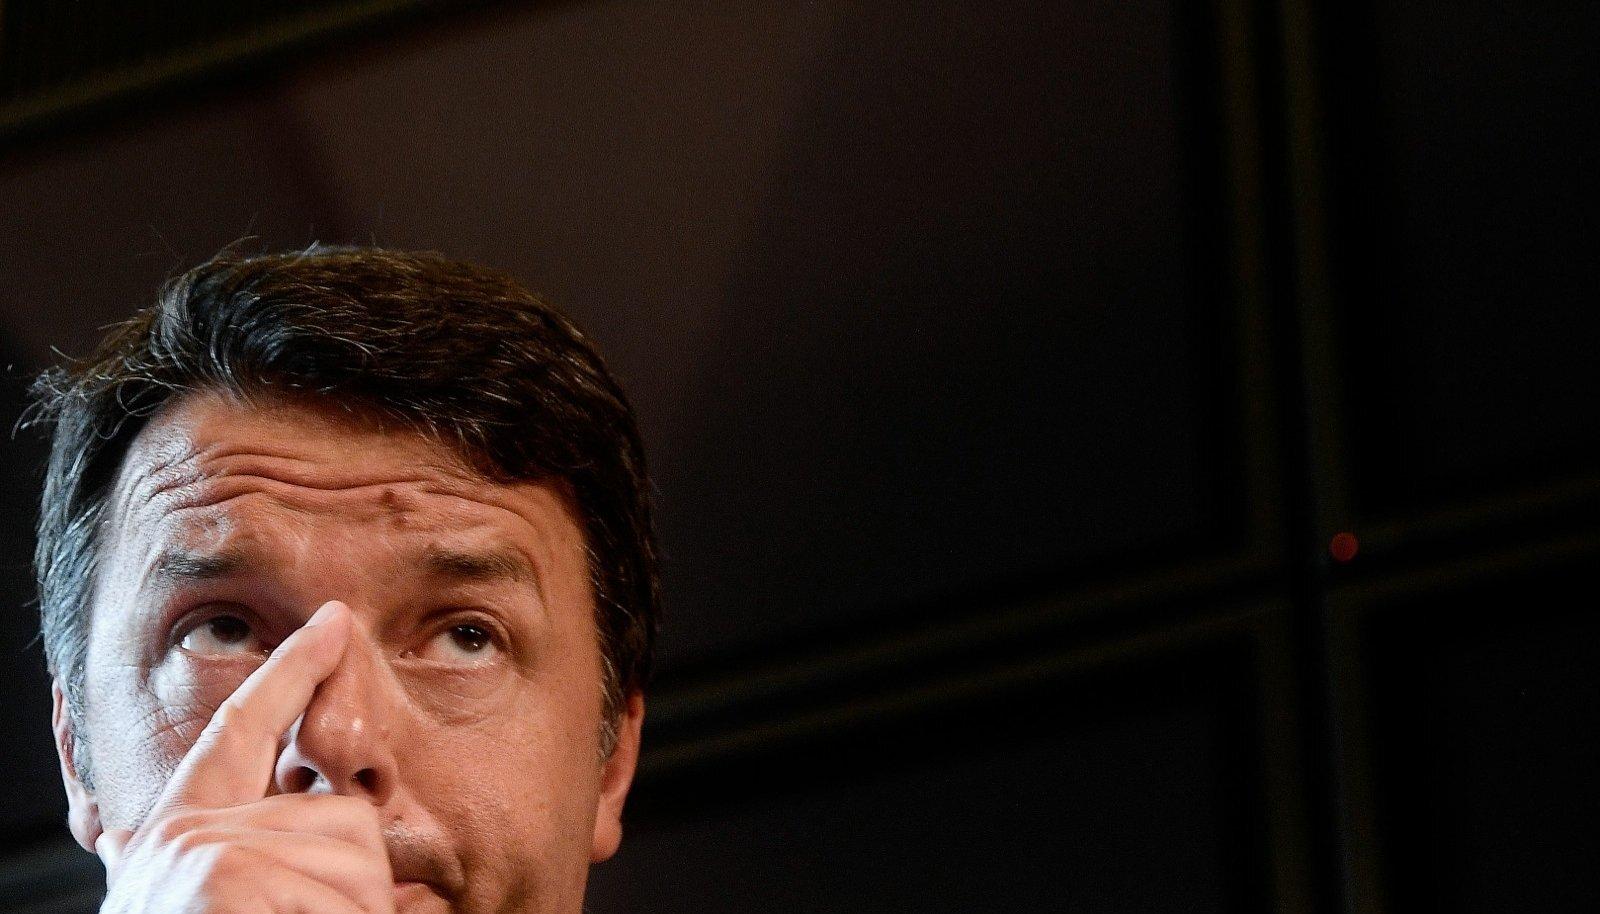 Matteo Renzi hoiatab, et praegu valimisi korraldades ootaks Itaaliat majanduslangus.